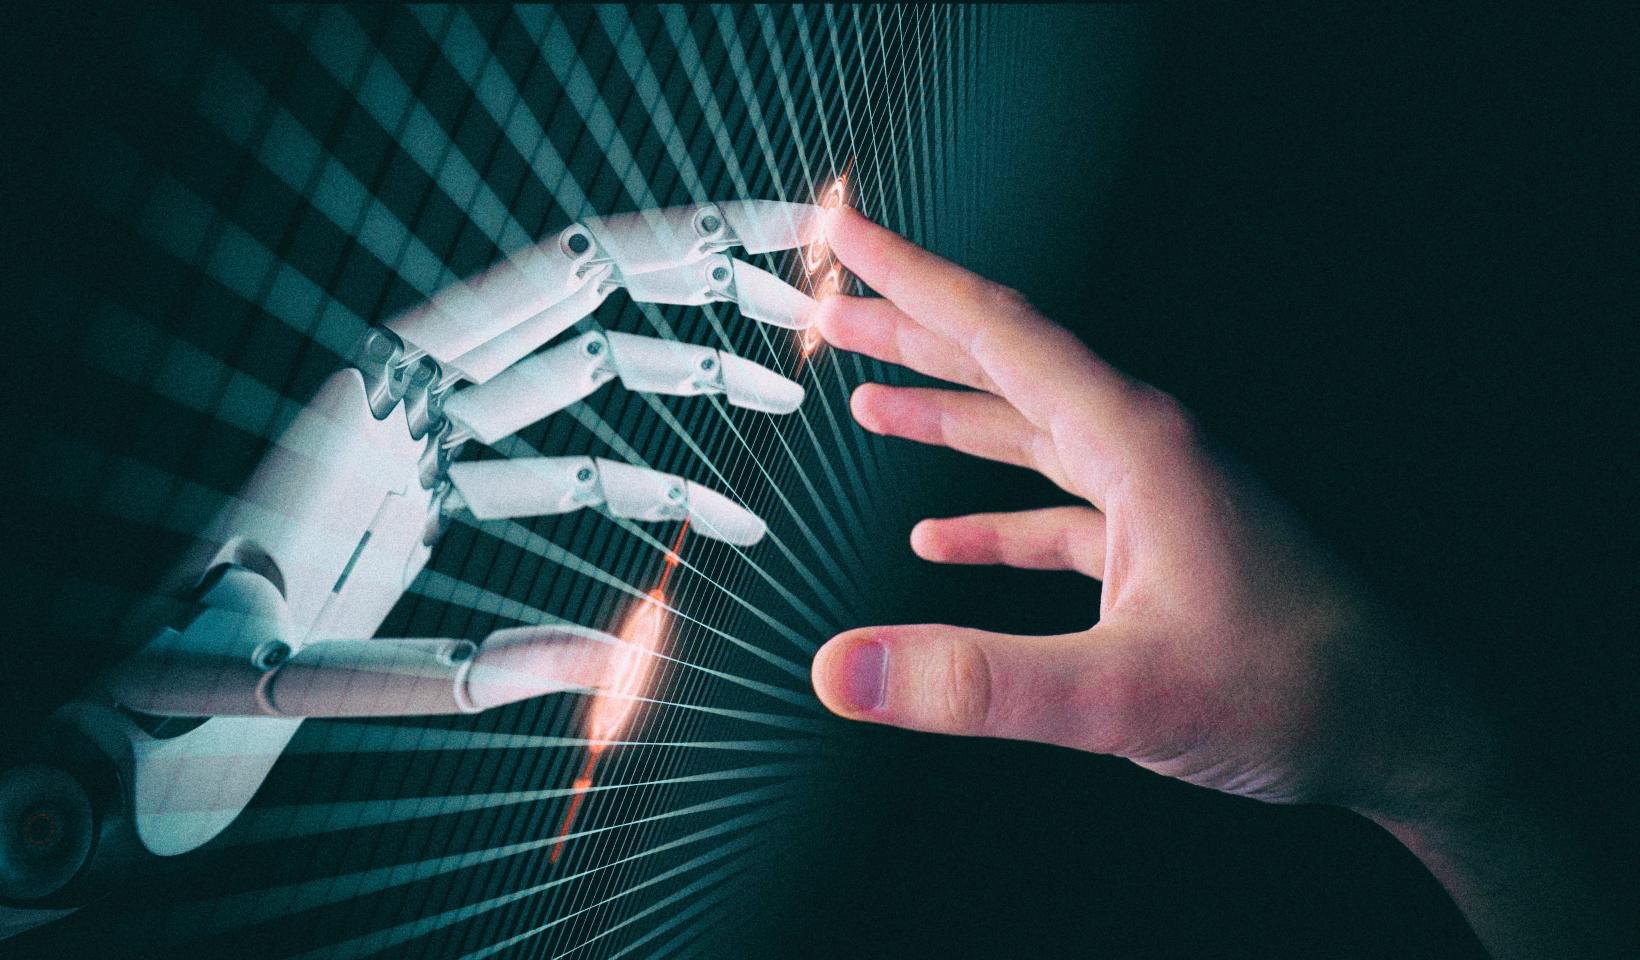 Исследование: Люди больше доверяют роботам, когда те объясняют свои действия